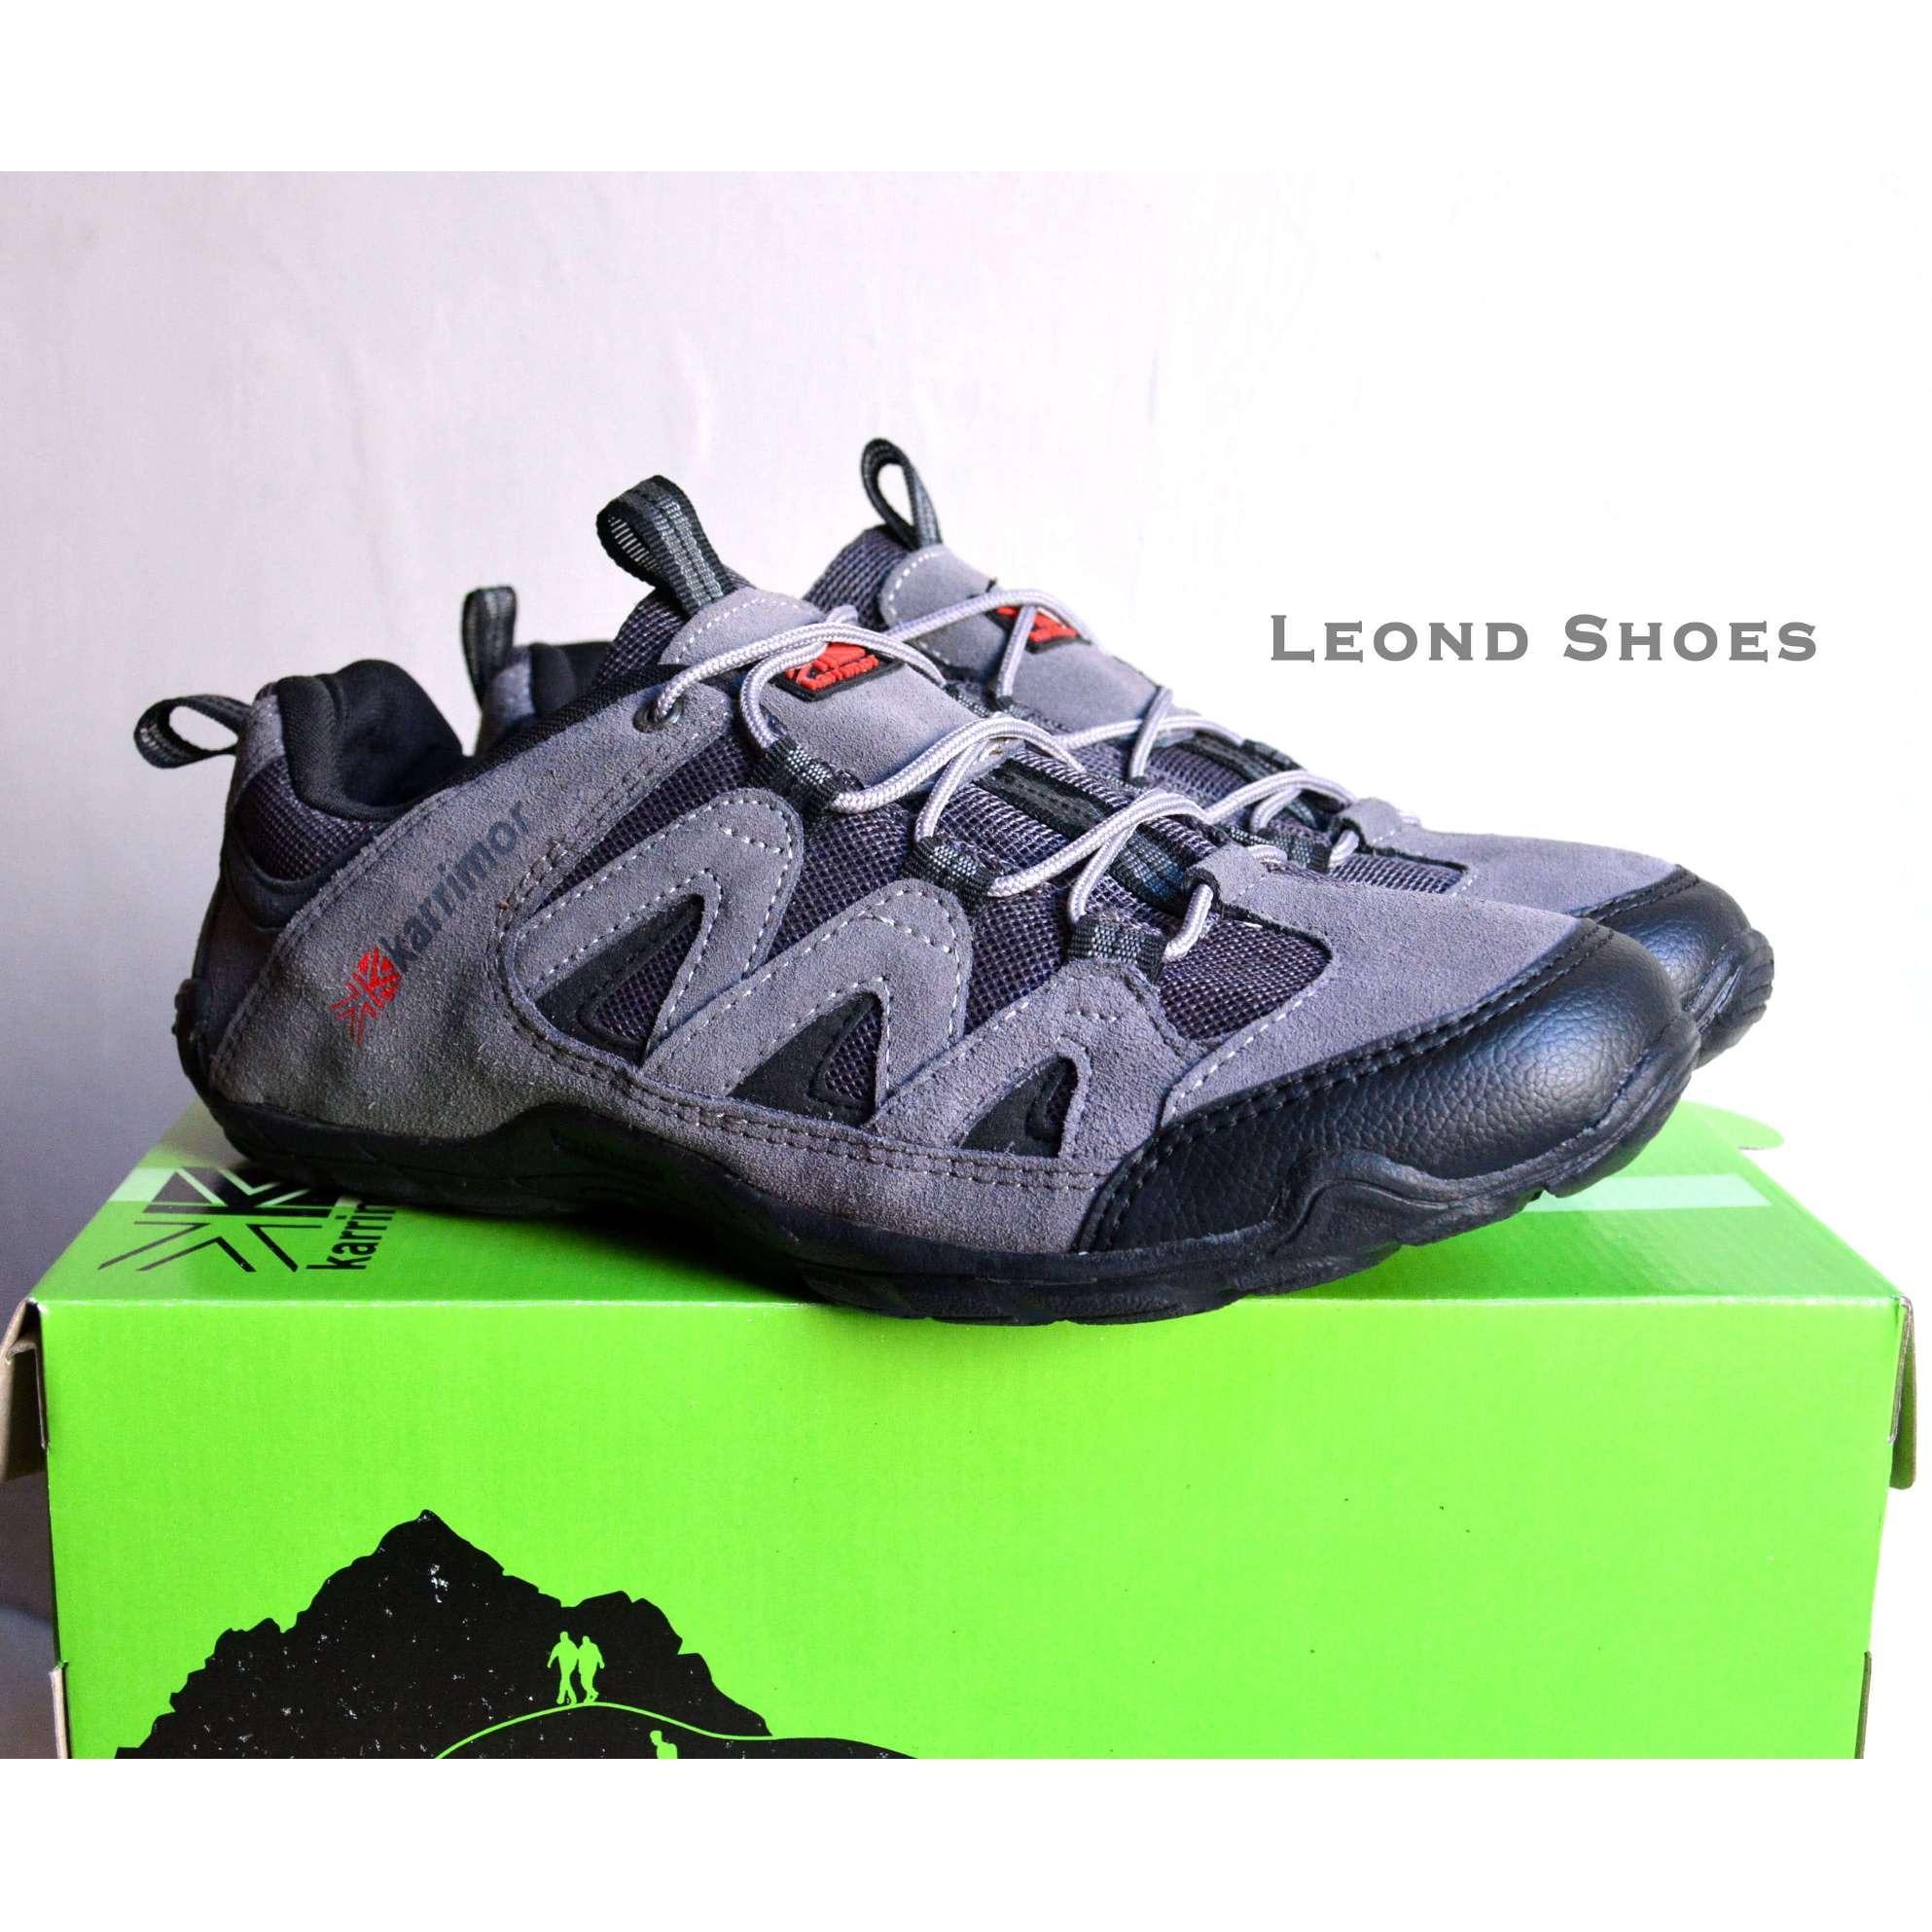 Toko Jual Sepatu Gunung Model Pendek Jual Sepatu Sepeda Karrimor